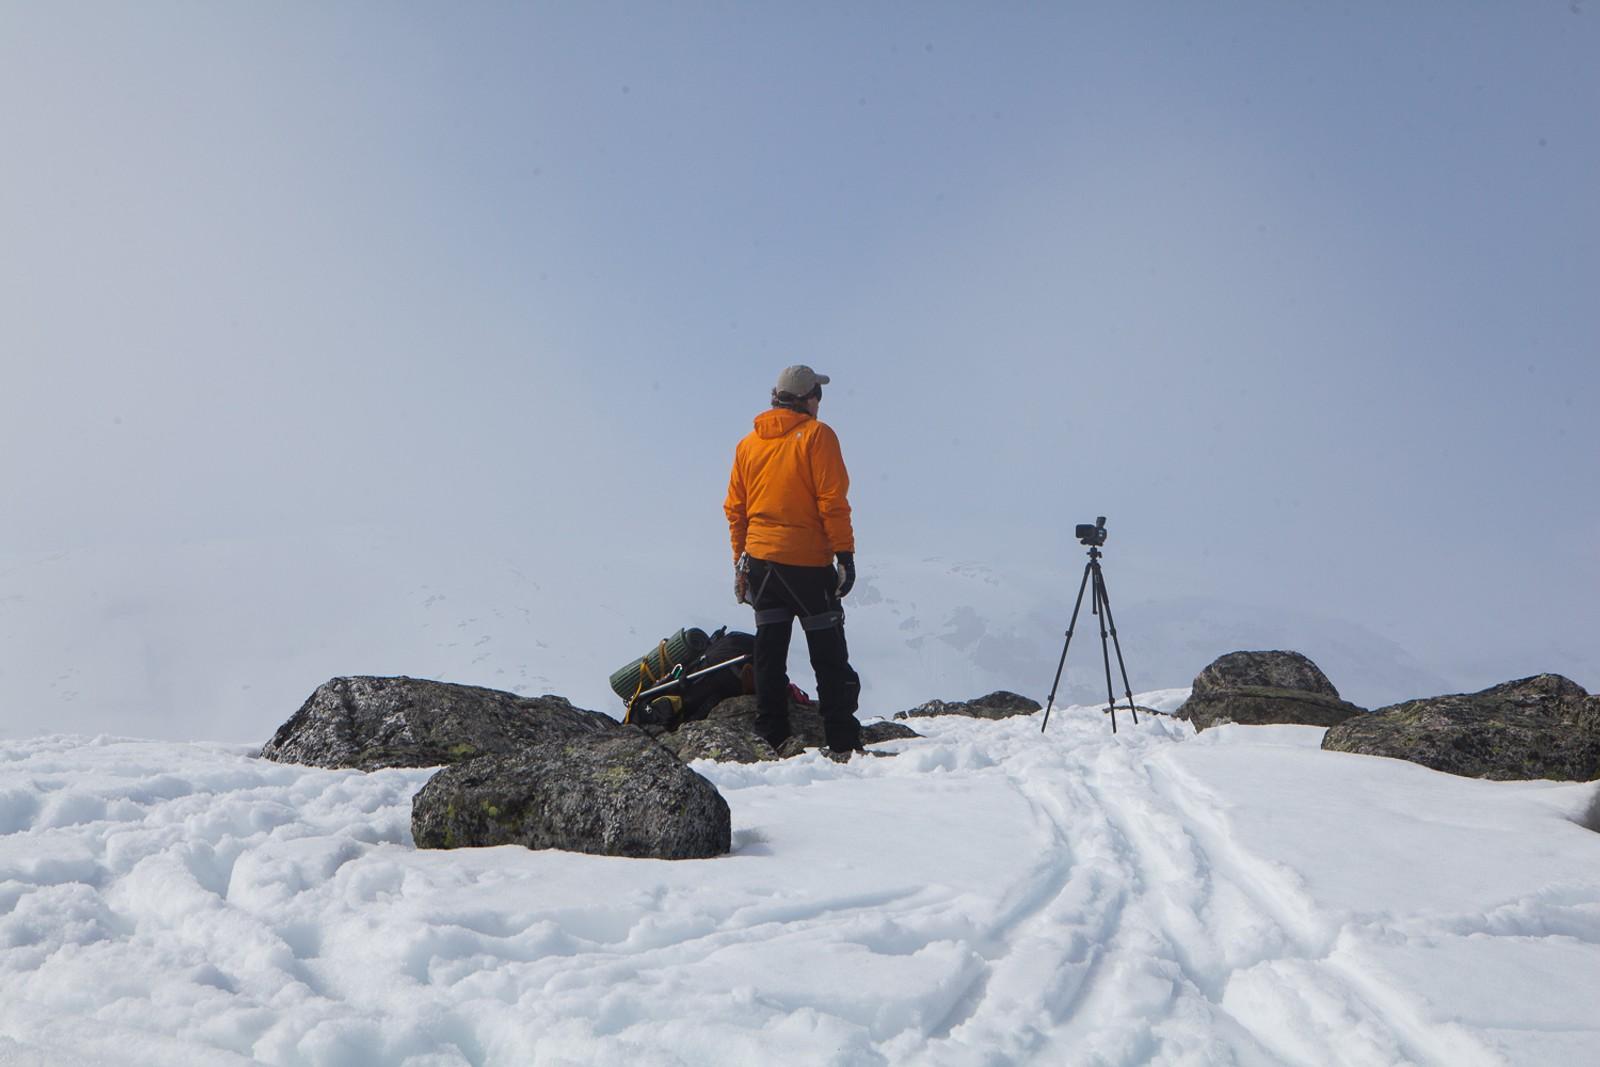 Slik blir Lars Monsen forlatt under hver eneste innspilling. Med et kamera som går foran seg, og med bind for øynene. Når lyden av helikopteret forsvinner i det fjerne begynner han å orientere seg.